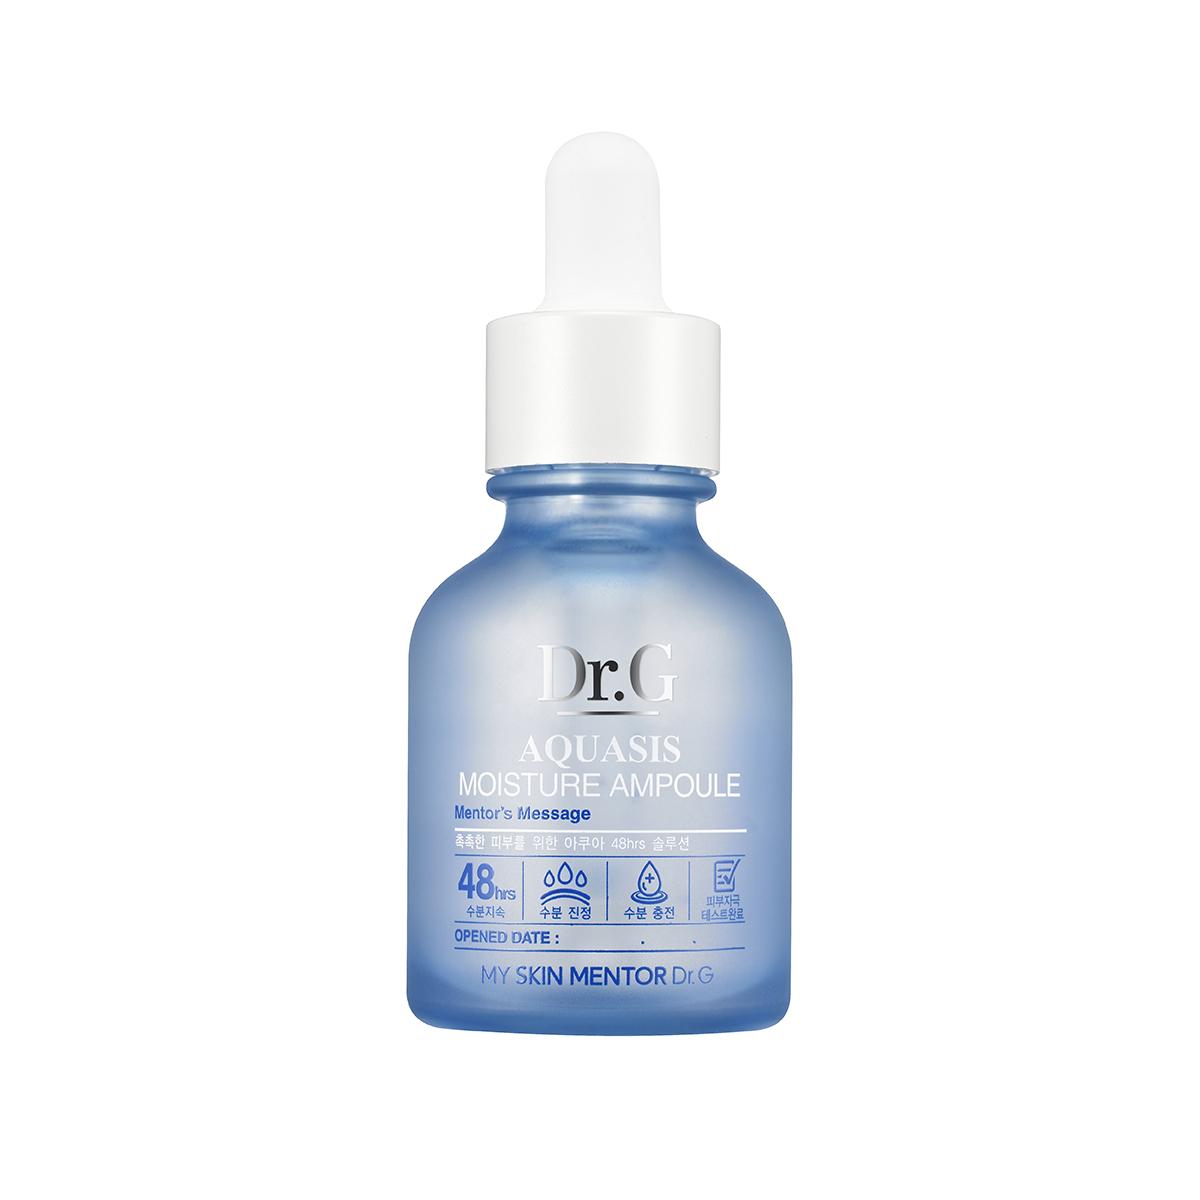 Dr. G Ампула-сыворотка увлажняющая Aquasis, 30 млDG135462Эссенция для восстановления тонуса кожи с экстрадолгим влагоудерживающим действием в течение 48 часов с эффектом мгновенного увлажнения. Содержит пентавитамин R, алоэ вера, гречиху и 2 вида гиалуроновой кислоты. 2 вида гиалуроновой кислоты дают эффект моментального увлажнения, избавляют от шелушения, грубого внешнего вида, стянутости. Обладают мультидействием - регенерирующими свойствами, усиливают метаболизм, поддерживает водный баланс. Пентавитамин R состоящий из натуральных карбогидрантов, сохраняет кожу нежной и упругой. Пентавитамин проникает в эпидермис достаточно глубоко и благодаря этому сохраняется нормальный водный баланс. Экстракт алоэ вера прекрасно увлажняет, оказывает заживляющее и успокаивающее действие, разглаживает морщины, замедляет процесс старения. Экстракт гречихи богат флавоноидами, которые борются со свободными радикалами. Эссенция подходит для всех типов кожи.